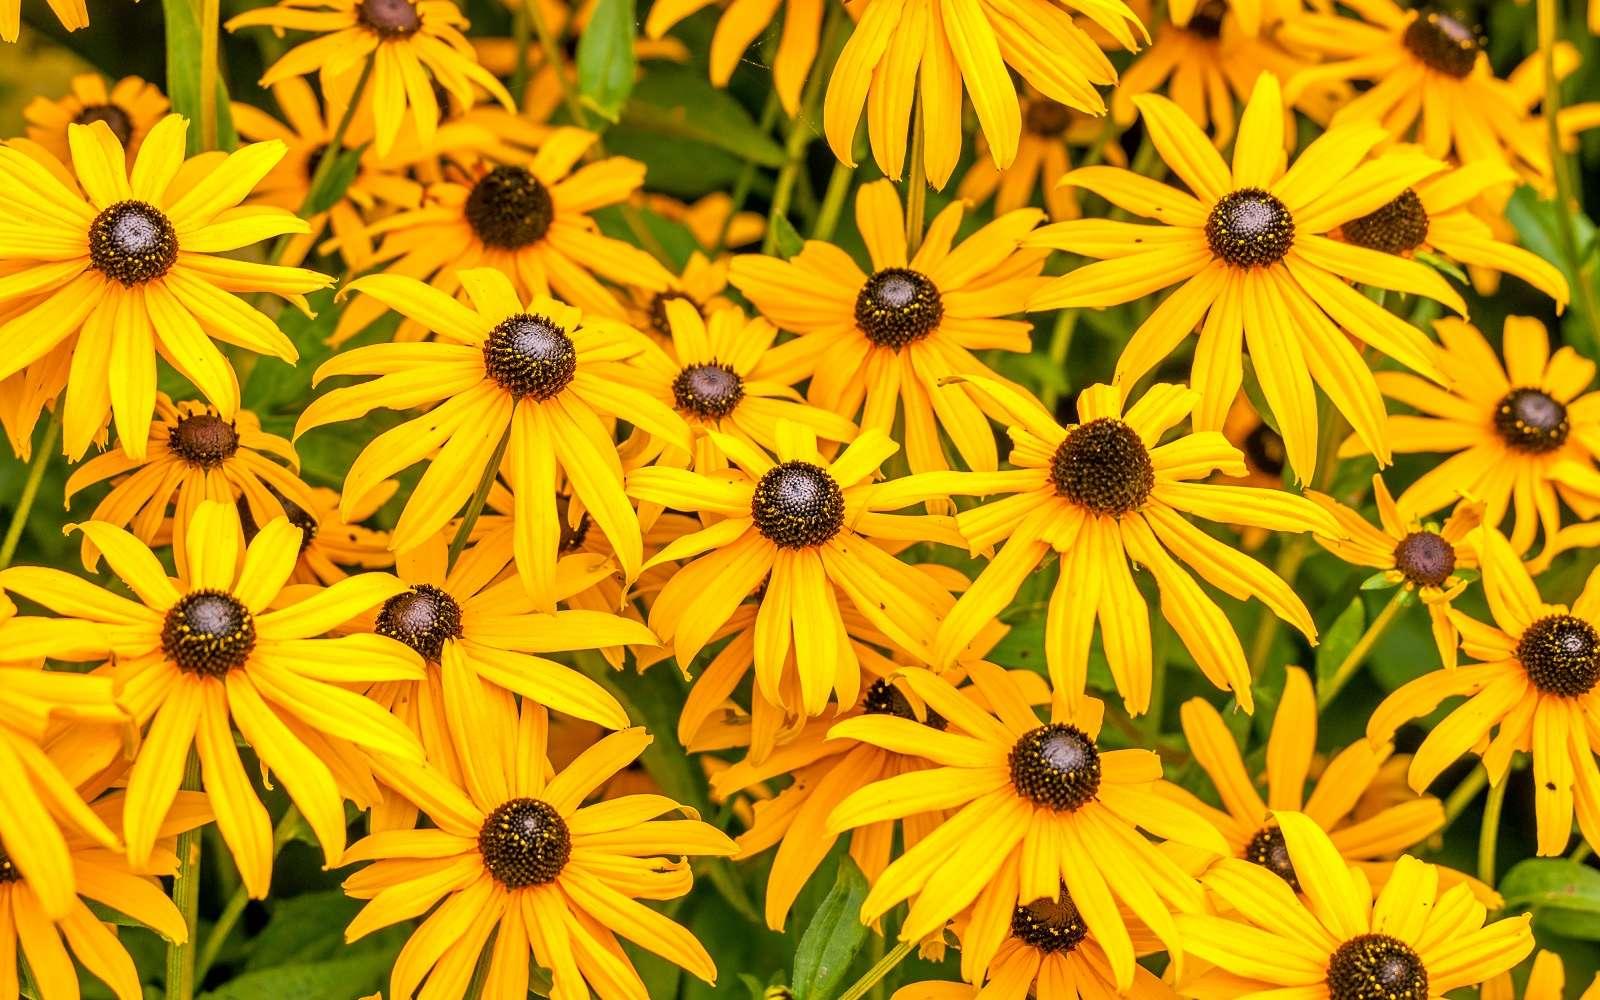 Le rudbeckia, plante à fleur annuelle ou vivace, apporte tout l'été une touche solaire au jardin. © Polarpx, Adobe Stock